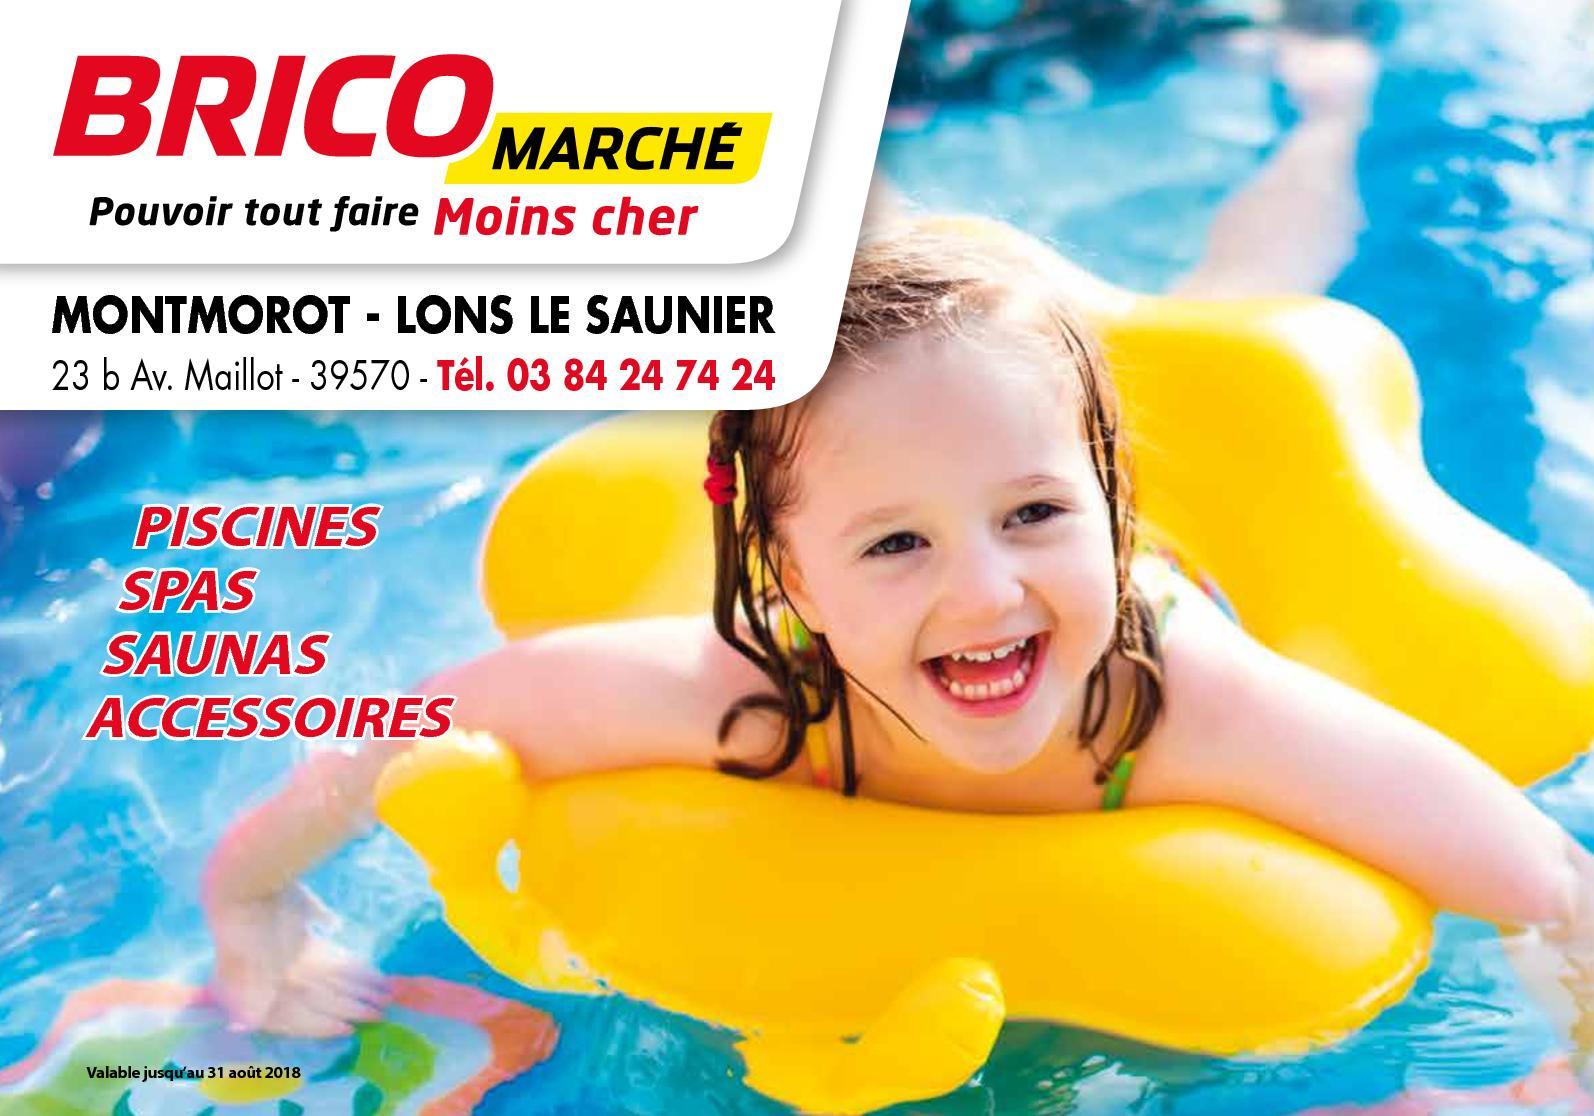 Calaméo - Bricomarché Catalogue Piscine à Piscine Bricomarché